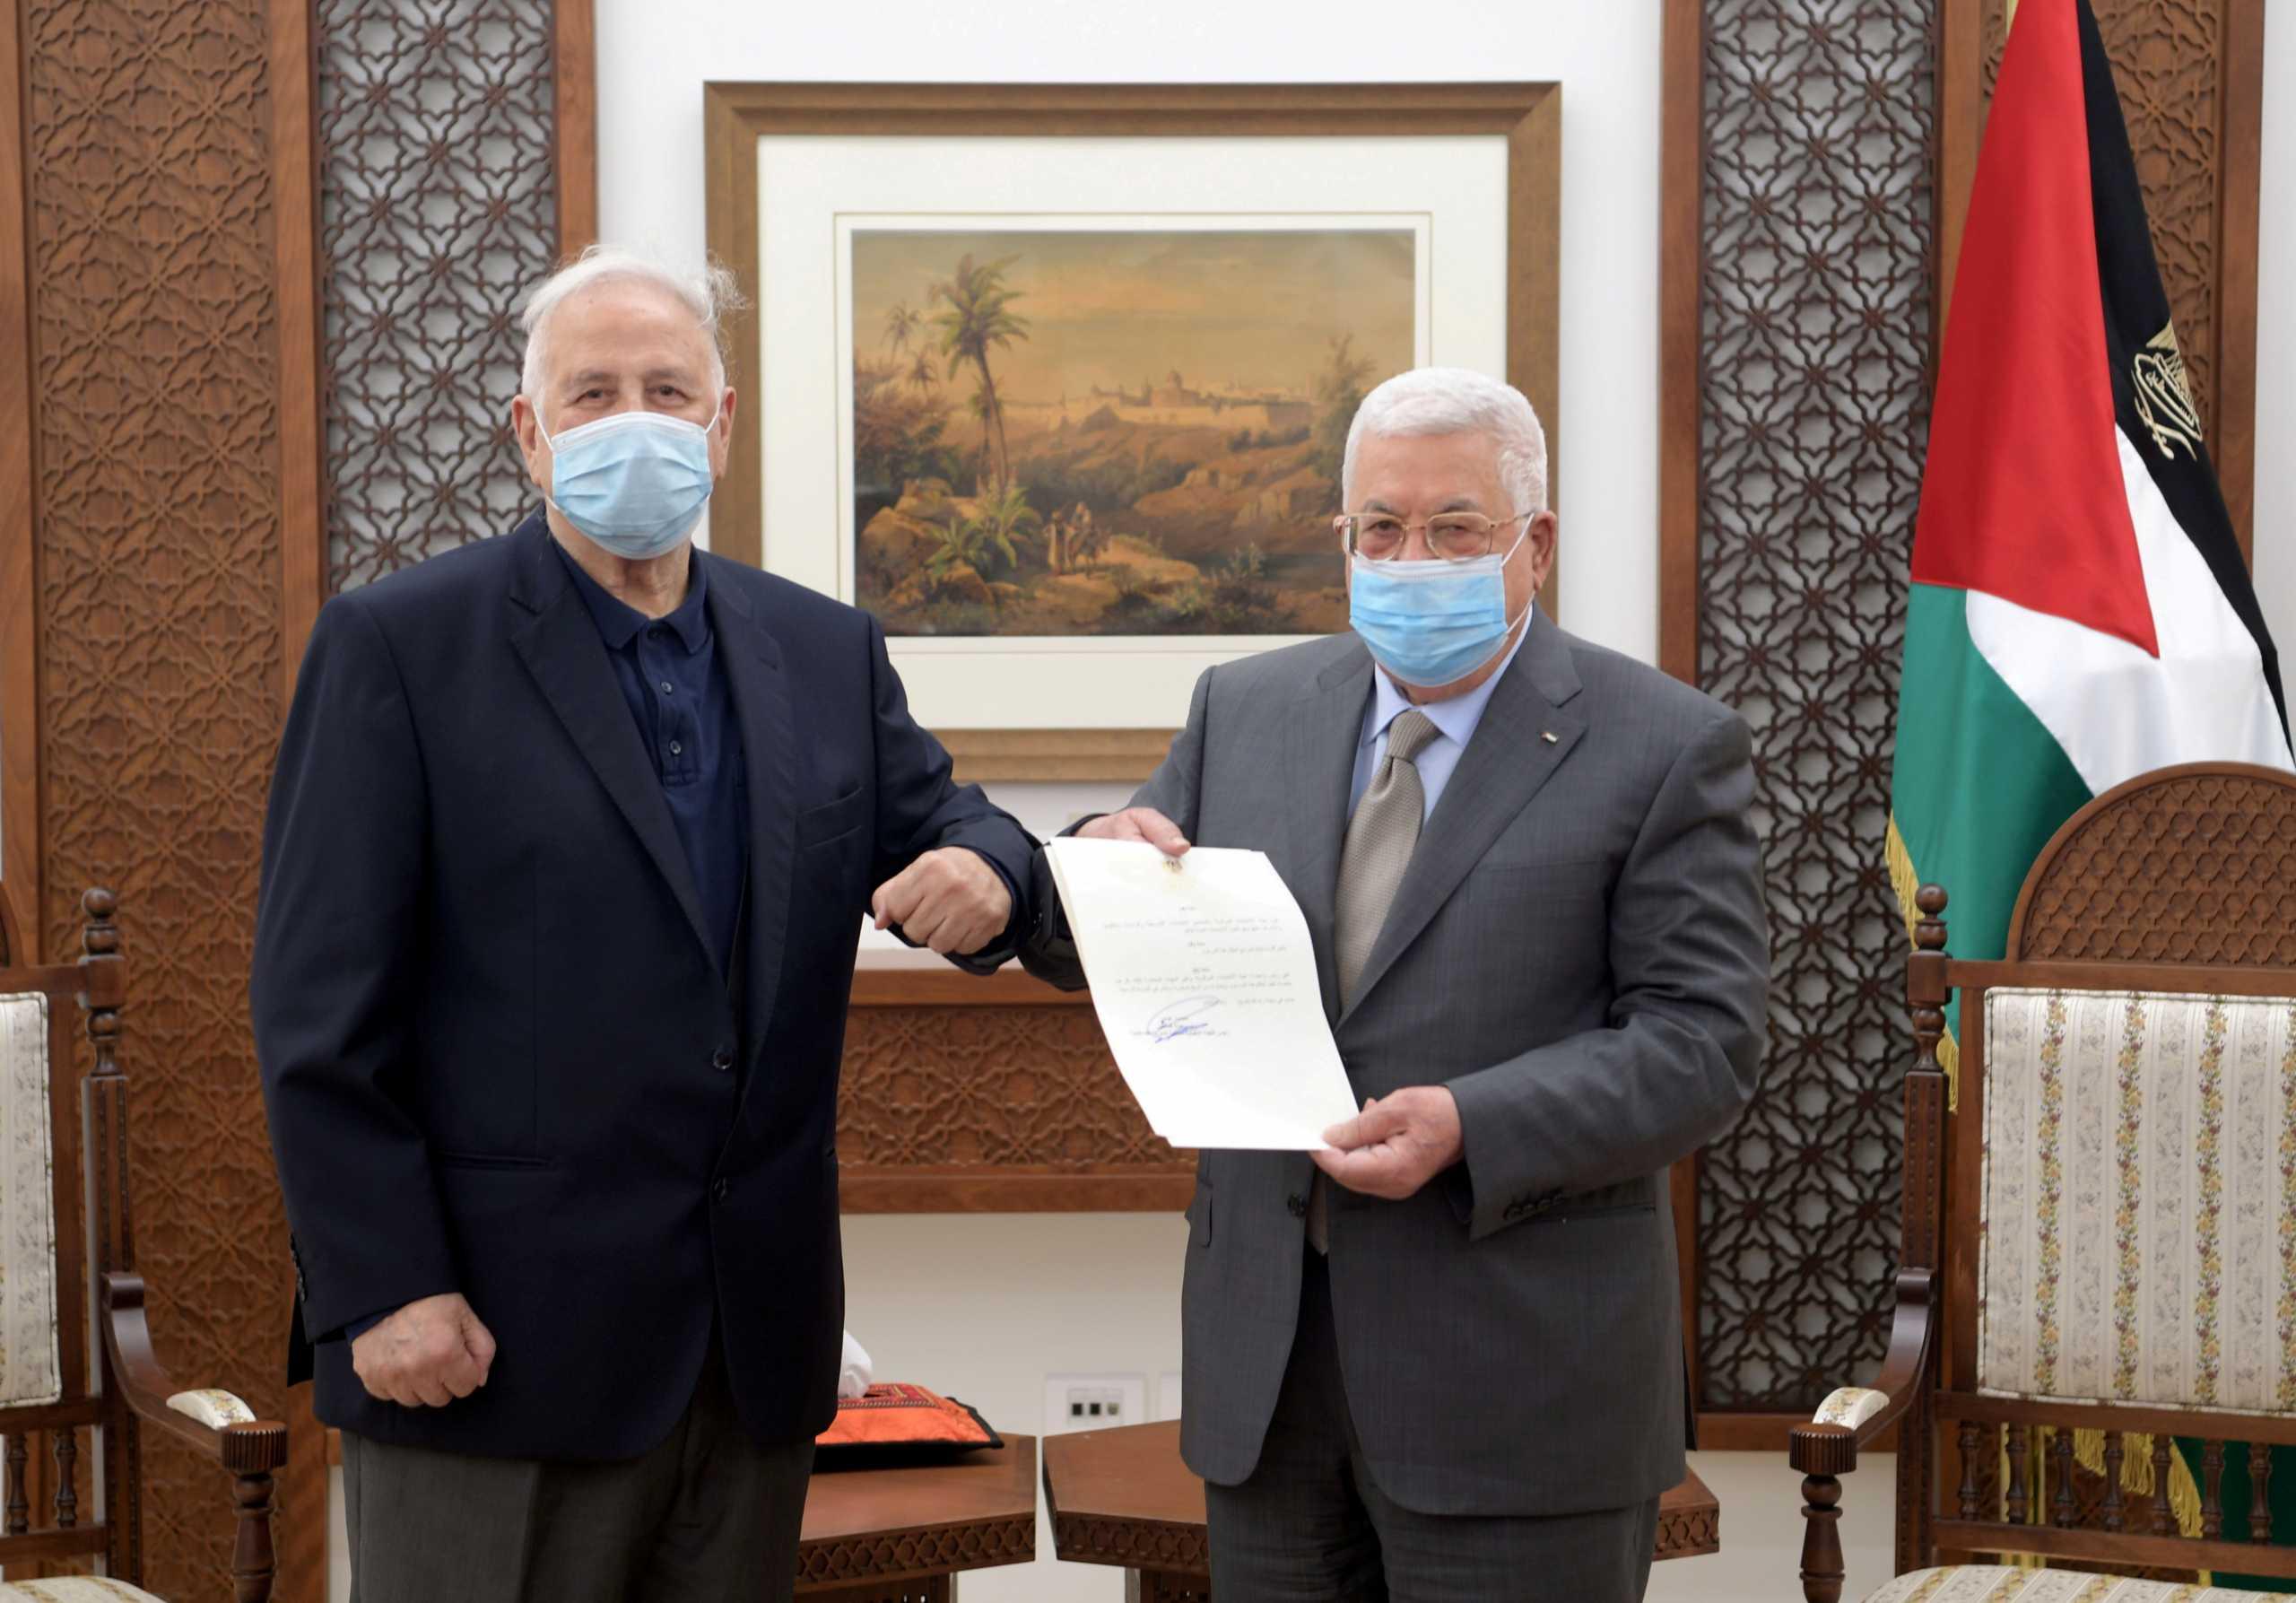 Κάιρο: Άρχισαν οι συνομιλίες μεταξύ Χαμάς και Φάταχ ενόψει των εκλογών στην Παλαιστίνη